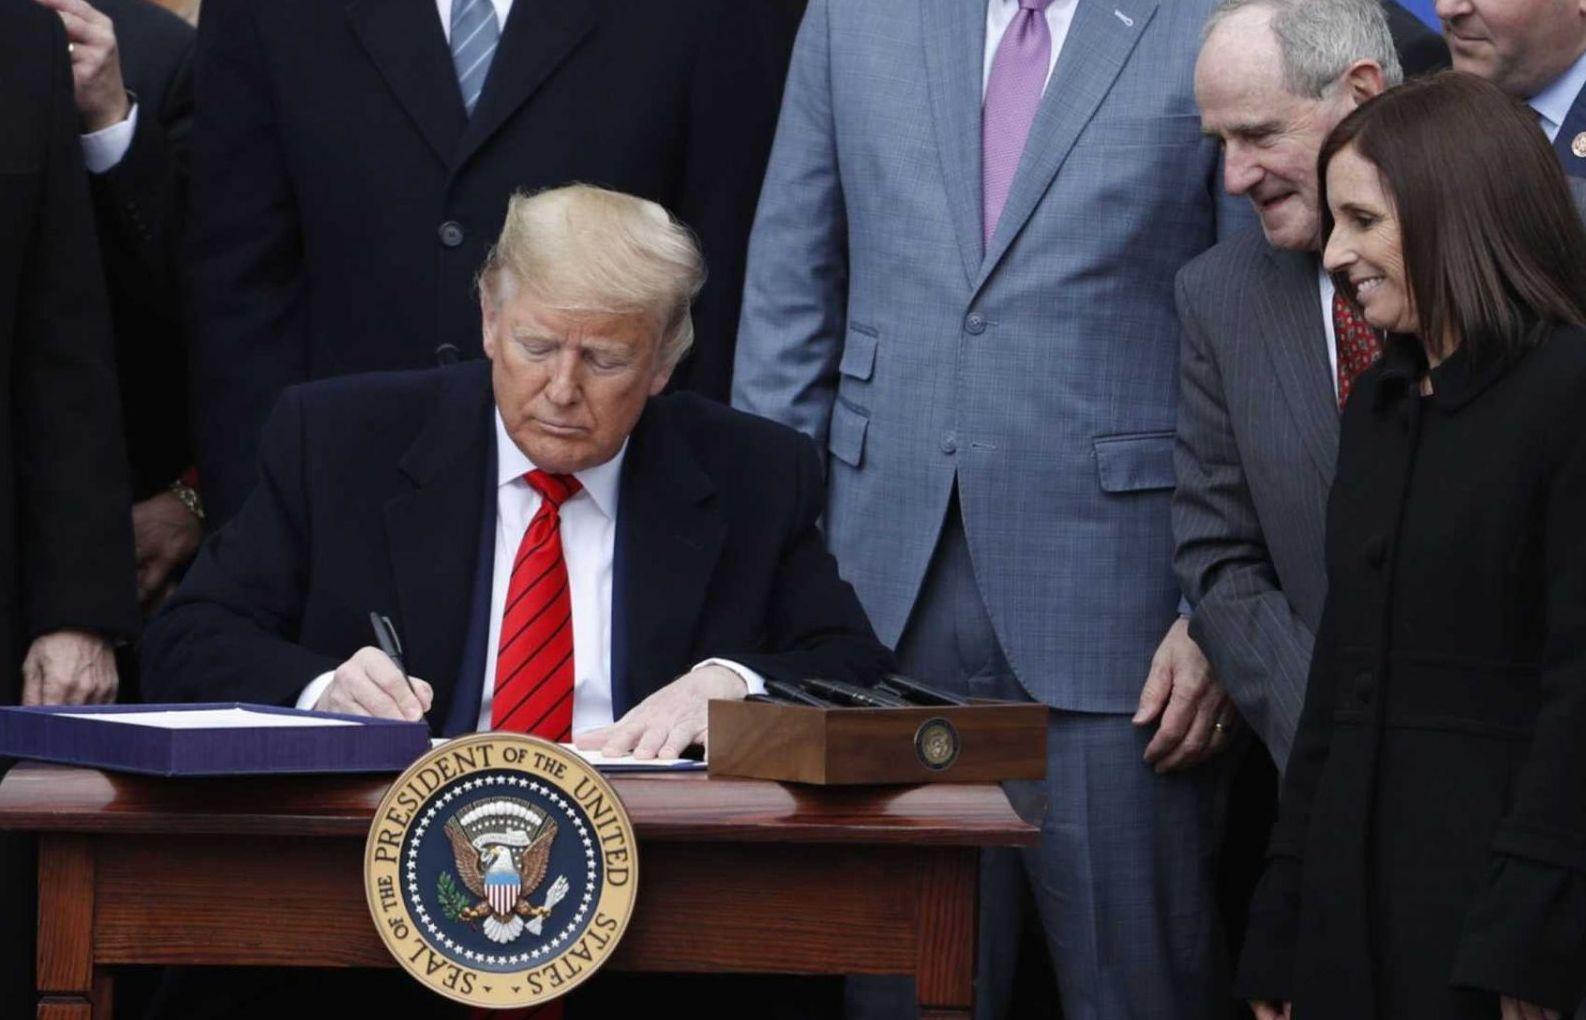 Tổng thống Trump: USMCA khẳng định 'tương lai huy hoàng' cho nền công nghiệp Mỹ